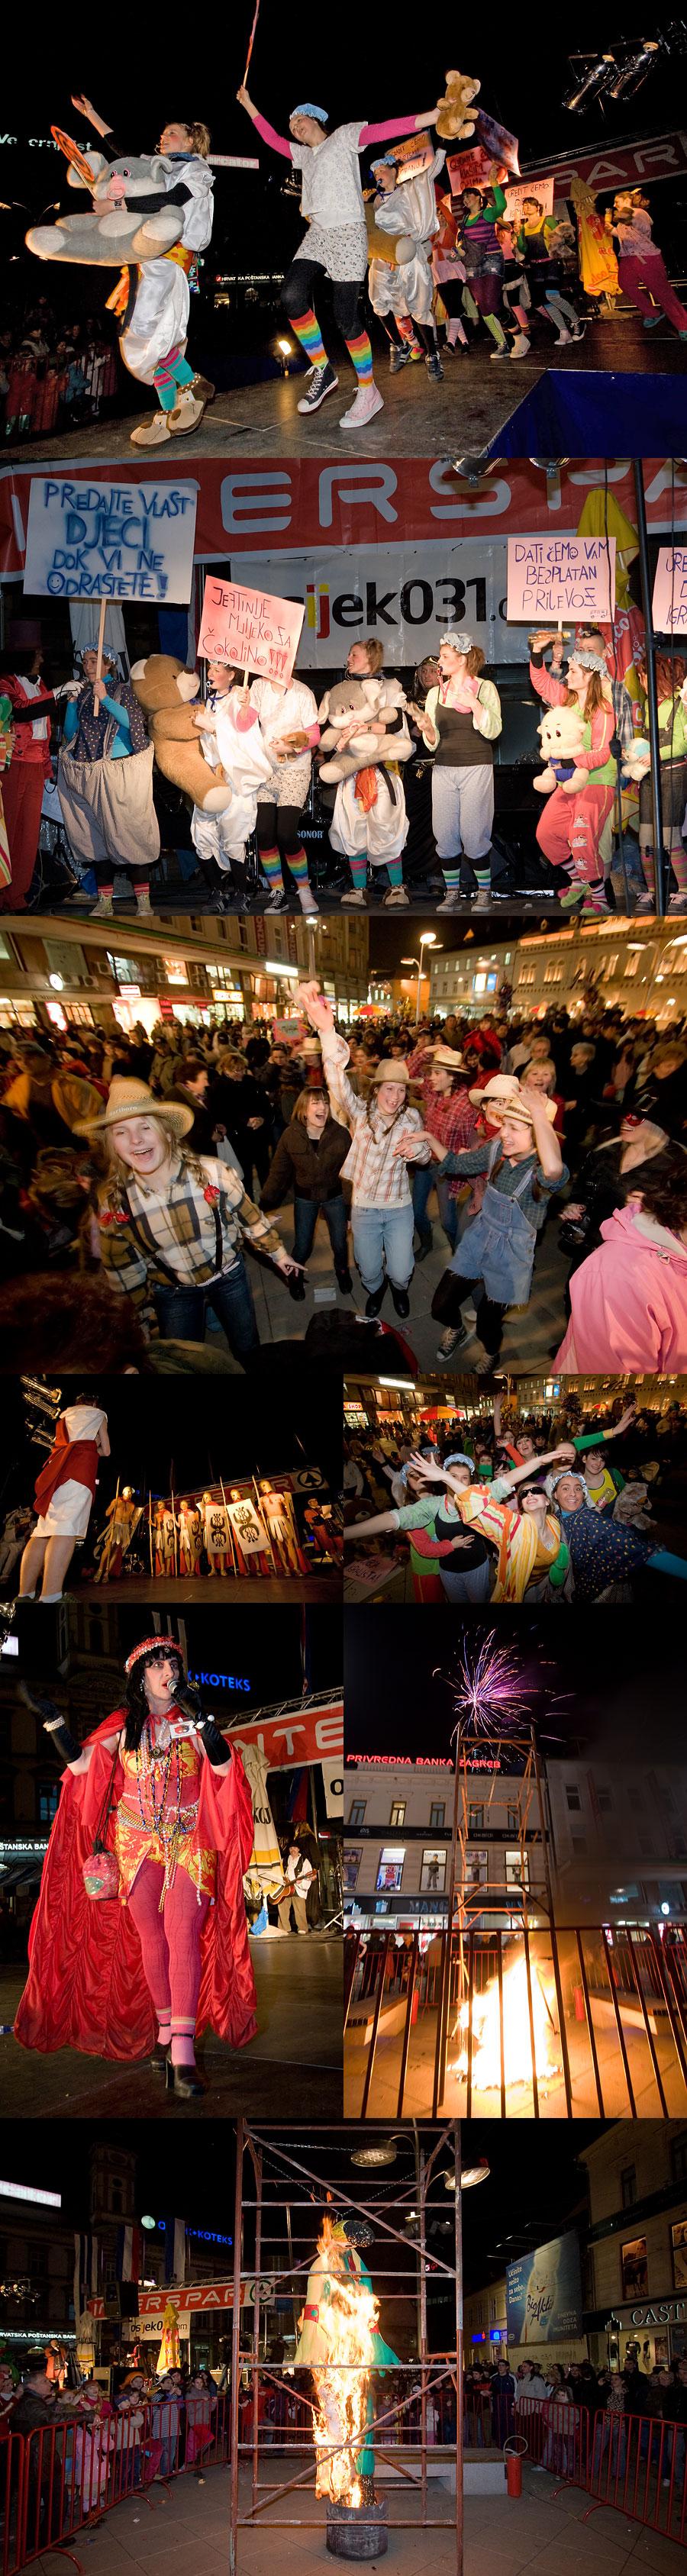 KAOS - Karneval osječki  Foto: Zuhra, Steam  Ključne riječi: kaos karneval maskare